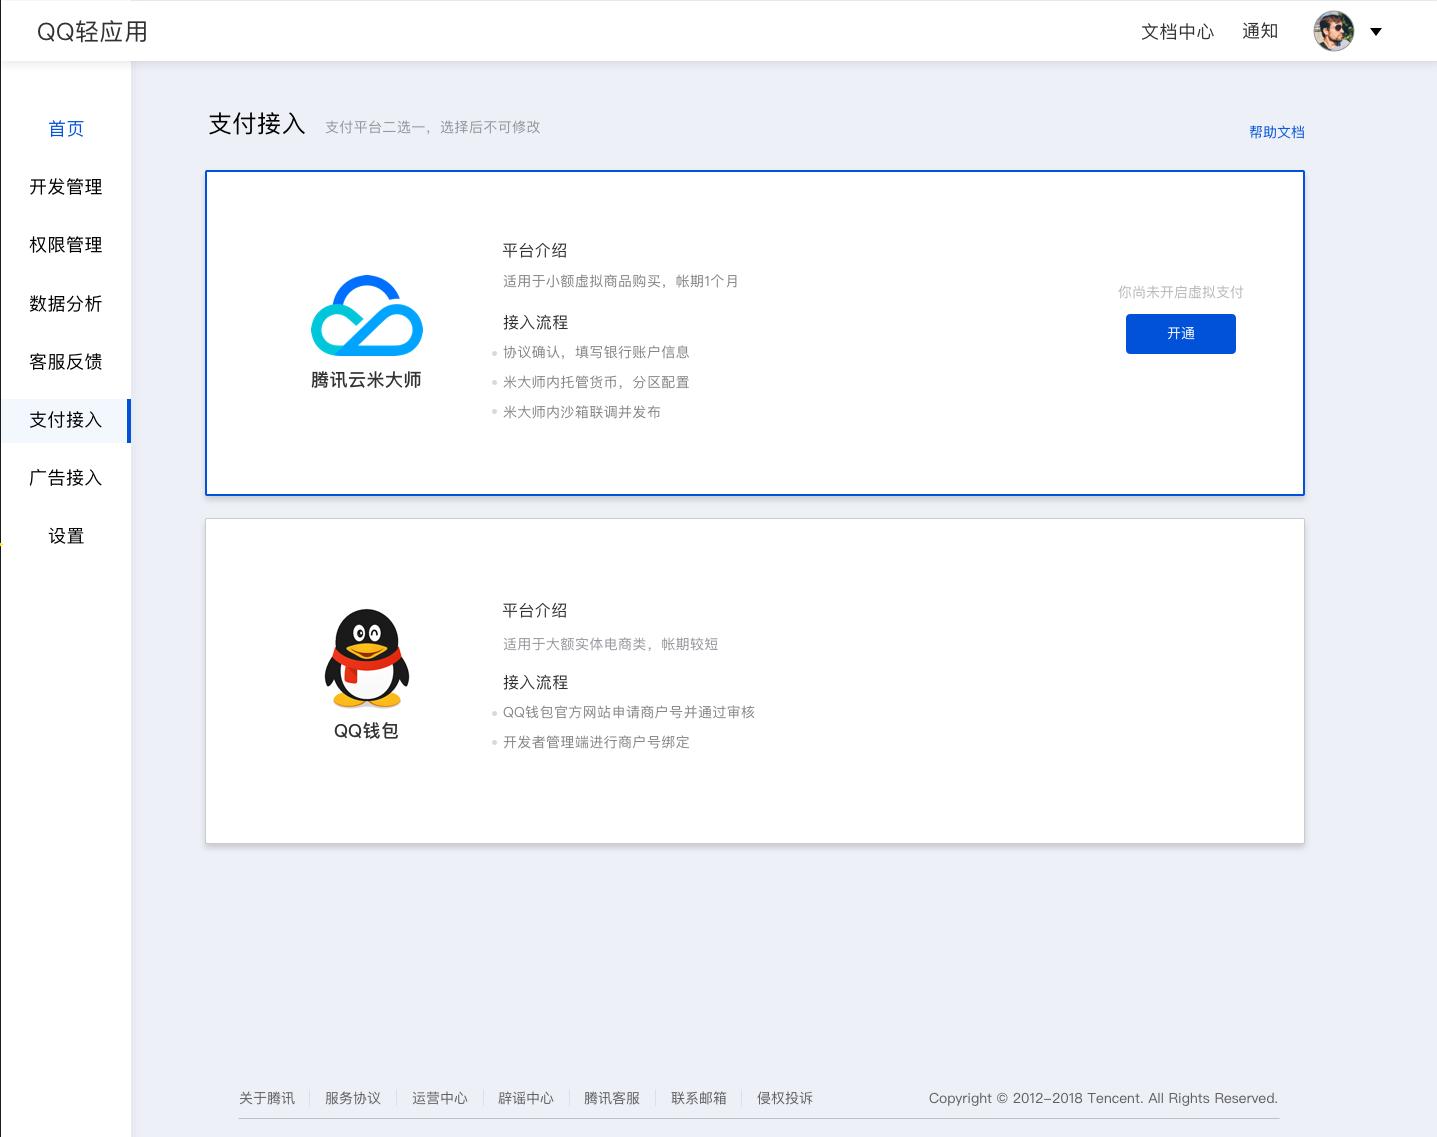 为了降低开发者的门槛QQ小程序平台提供两套解决方案:QQ支付和腾讯计费